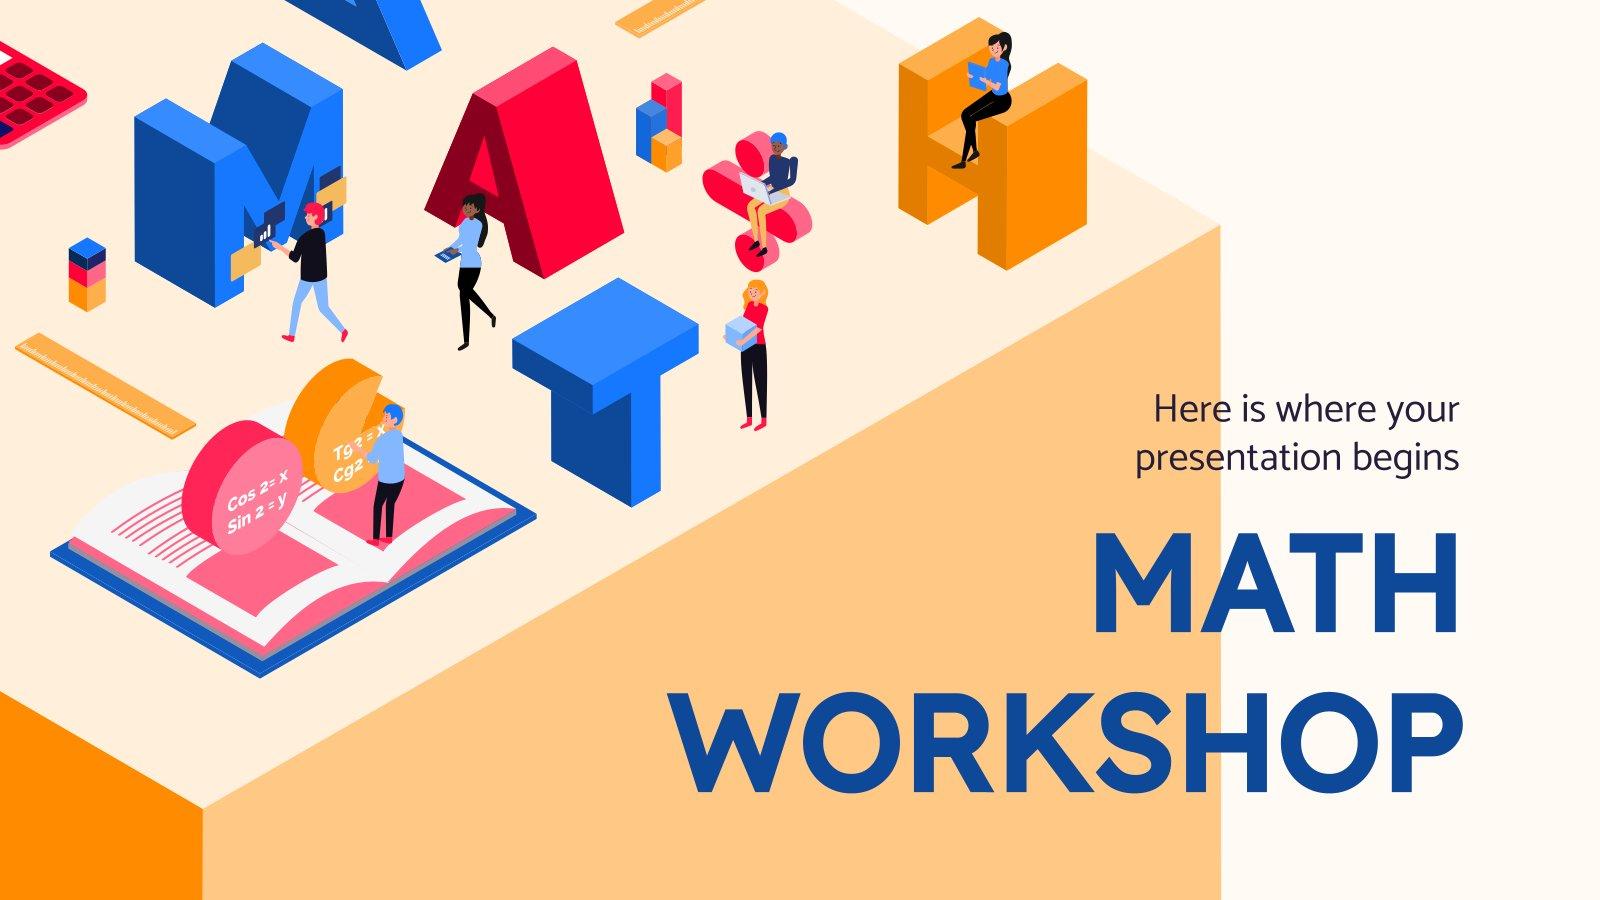 Atelier de mathématiques : Modèles de présentation